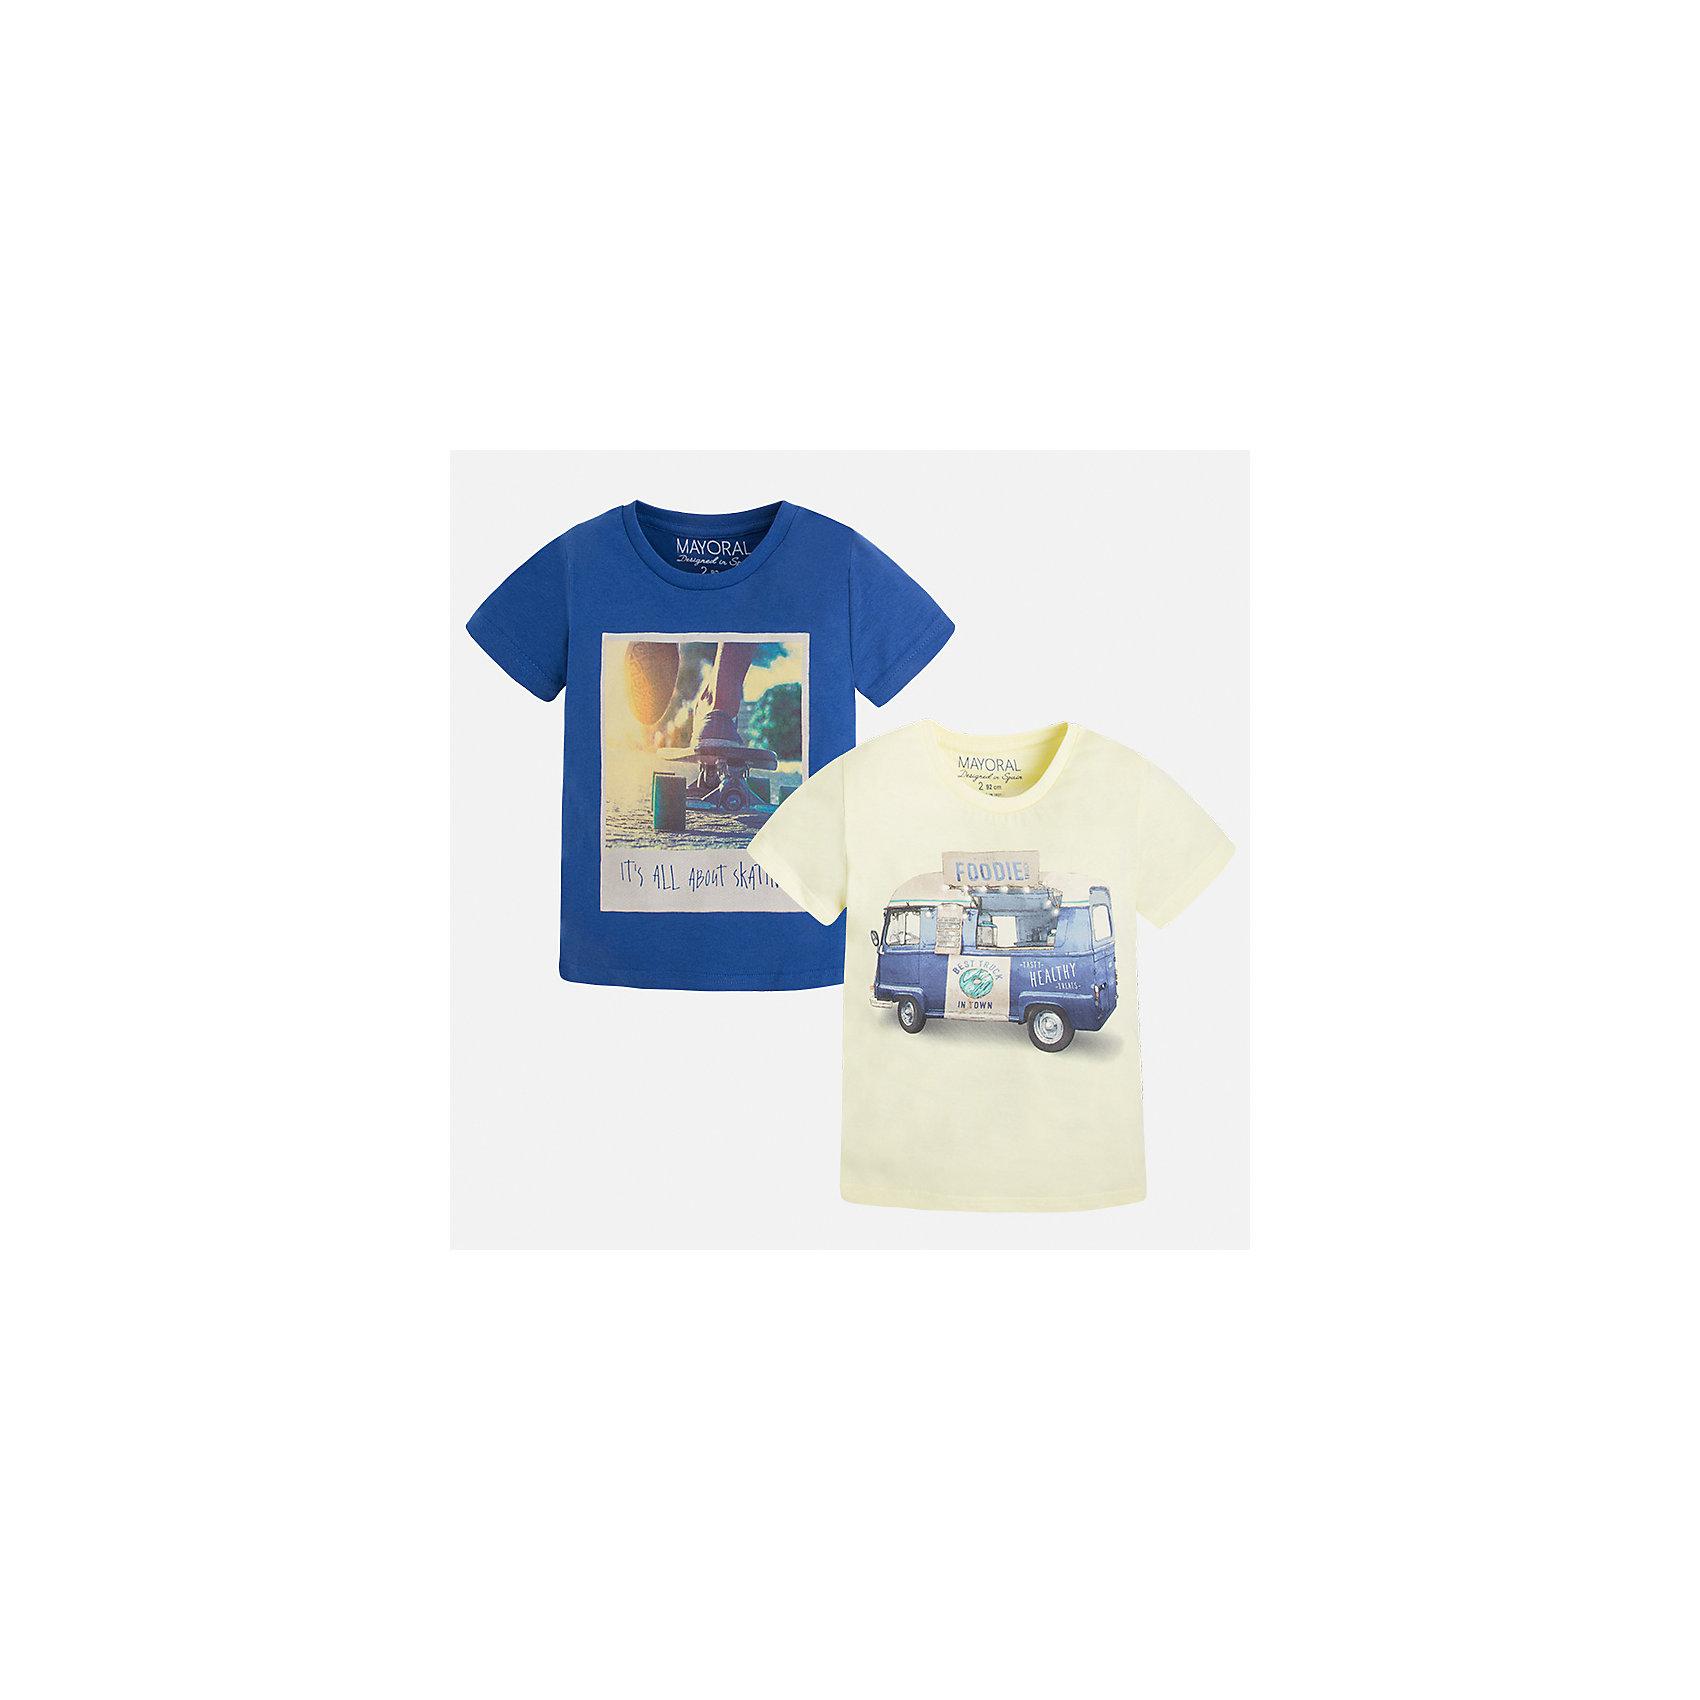 Футболка с длинным рукавом для мальчика MayoralФутболки, поло и топы<br>Характеристики товара:<br><br>• цвет: желтый/синий<br>• состав: 100% хлопок<br>• комплектация: 2 шт<br>• декорированы рисунком<br>• короткие рукава<br>• отделка горловины<br>• страна бренда: Испания<br><br>Модная удобная футболка с принтом поможет разнообразить гардероб мальчика. Она отлично сочетается с брюками, шортами, джинсами. Универсальный крой и цвет позволяет подобрать к вещи низ разных расцветок. Практичное и стильное изделие! Хорошо смотрится и комфортно сидит на детях. В составе материала - только натуральный хлопок, гипоаллергенный, приятный на ощупь, дышащий. <br><br>Одежда, обувь и аксессуары от испанского бренда Mayoral полюбились детям и взрослым по всему миру. Модели этой марки - стильные и удобные. Для их производства используются только безопасные, качественные материалы и фурнитура. Порадуйте ребенка модными и красивыми вещами от Mayoral! <br><br>Футболку (2 шт.) для мальчика от испанского бренда Mayoral (Майорал) можно купить в нашем интернет-магазине.<br><br>Ширина мм: 230<br>Глубина мм: 40<br>Высота мм: 220<br>Вес г: 250<br>Цвет: разноцветный<br>Возраст от месяцев: 72<br>Возраст до месяцев: 84<br>Пол: Мужской<br>Возраст: Детский<br>Размер: 122,134,128,116,110,104,98,92<br>SKU: 5280156